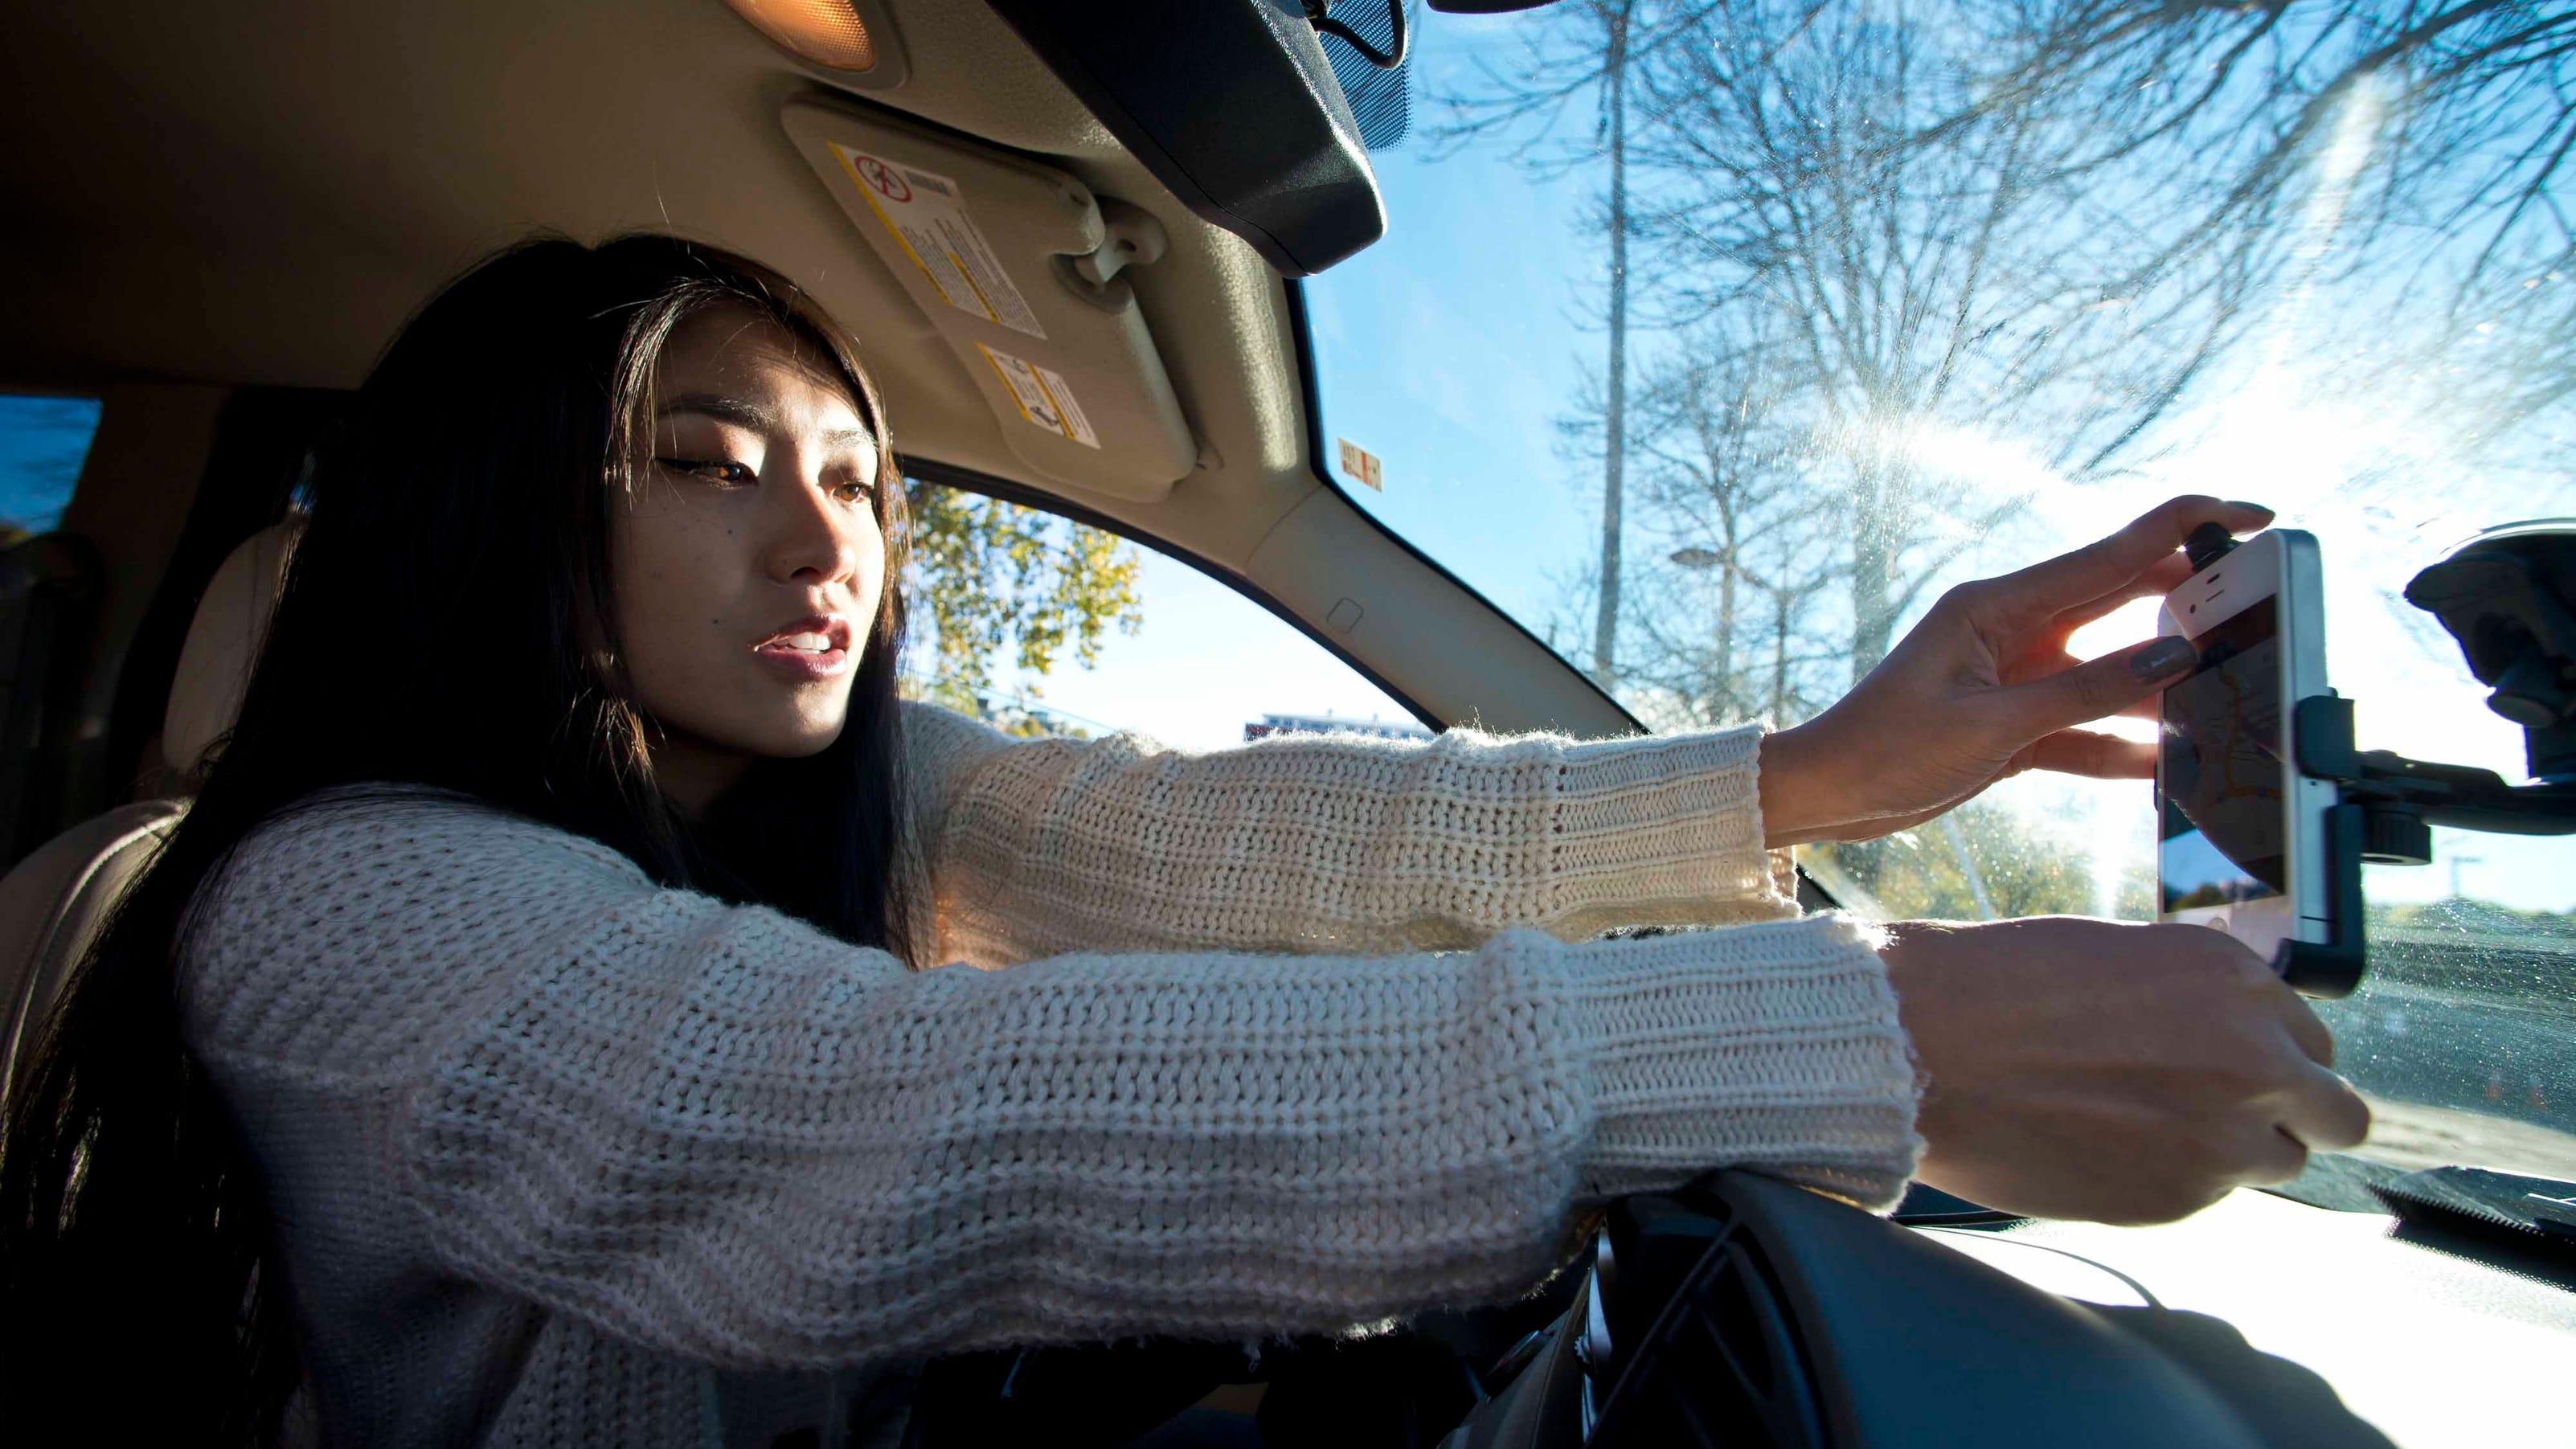 Single frauen uber 35